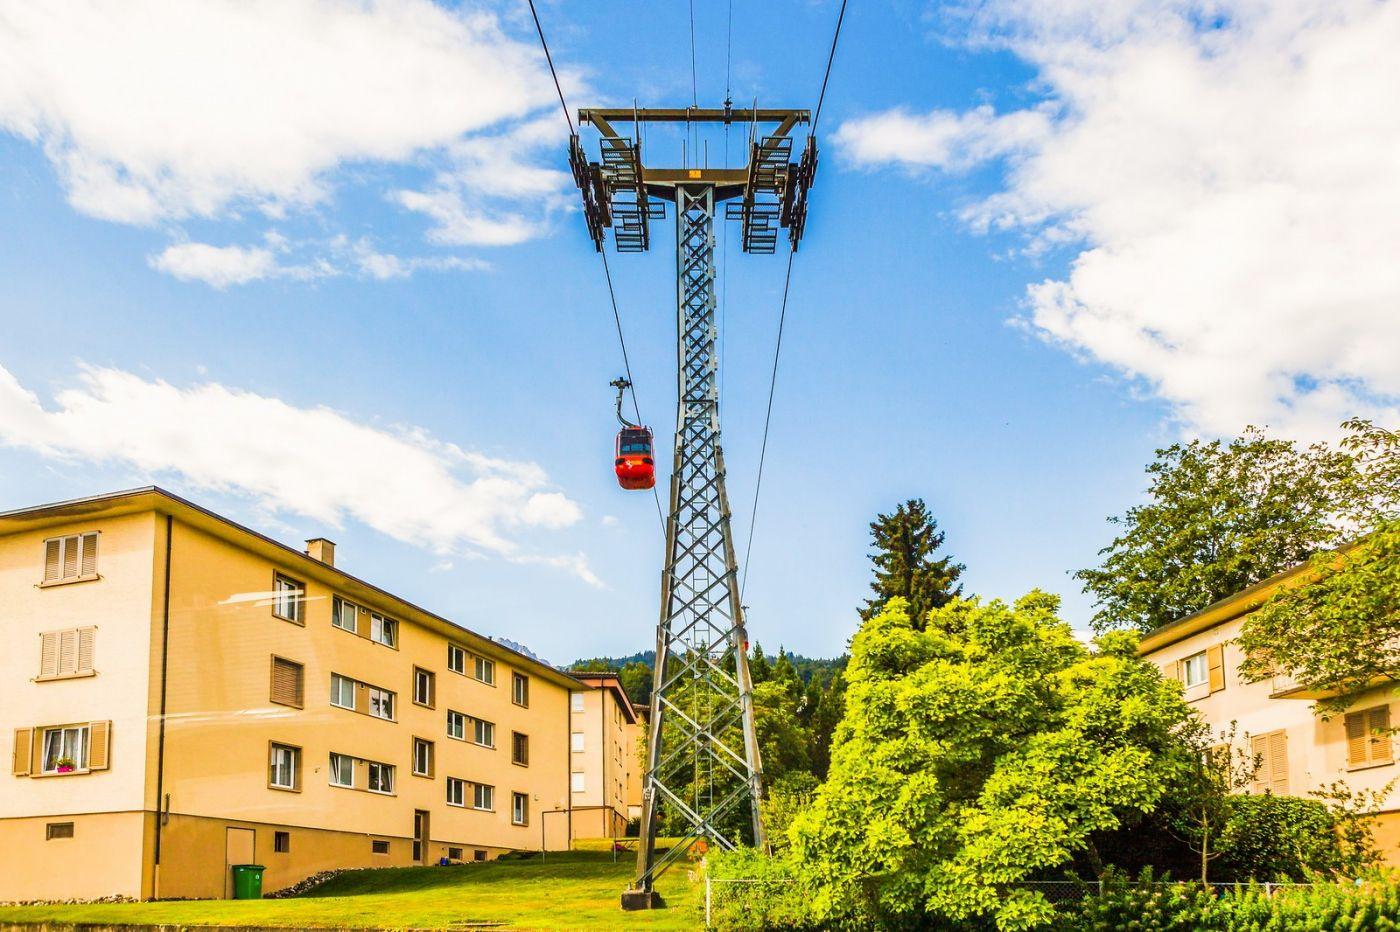 瑞士卢塞恩(Lucerne),坐缆车看风景_图1-26